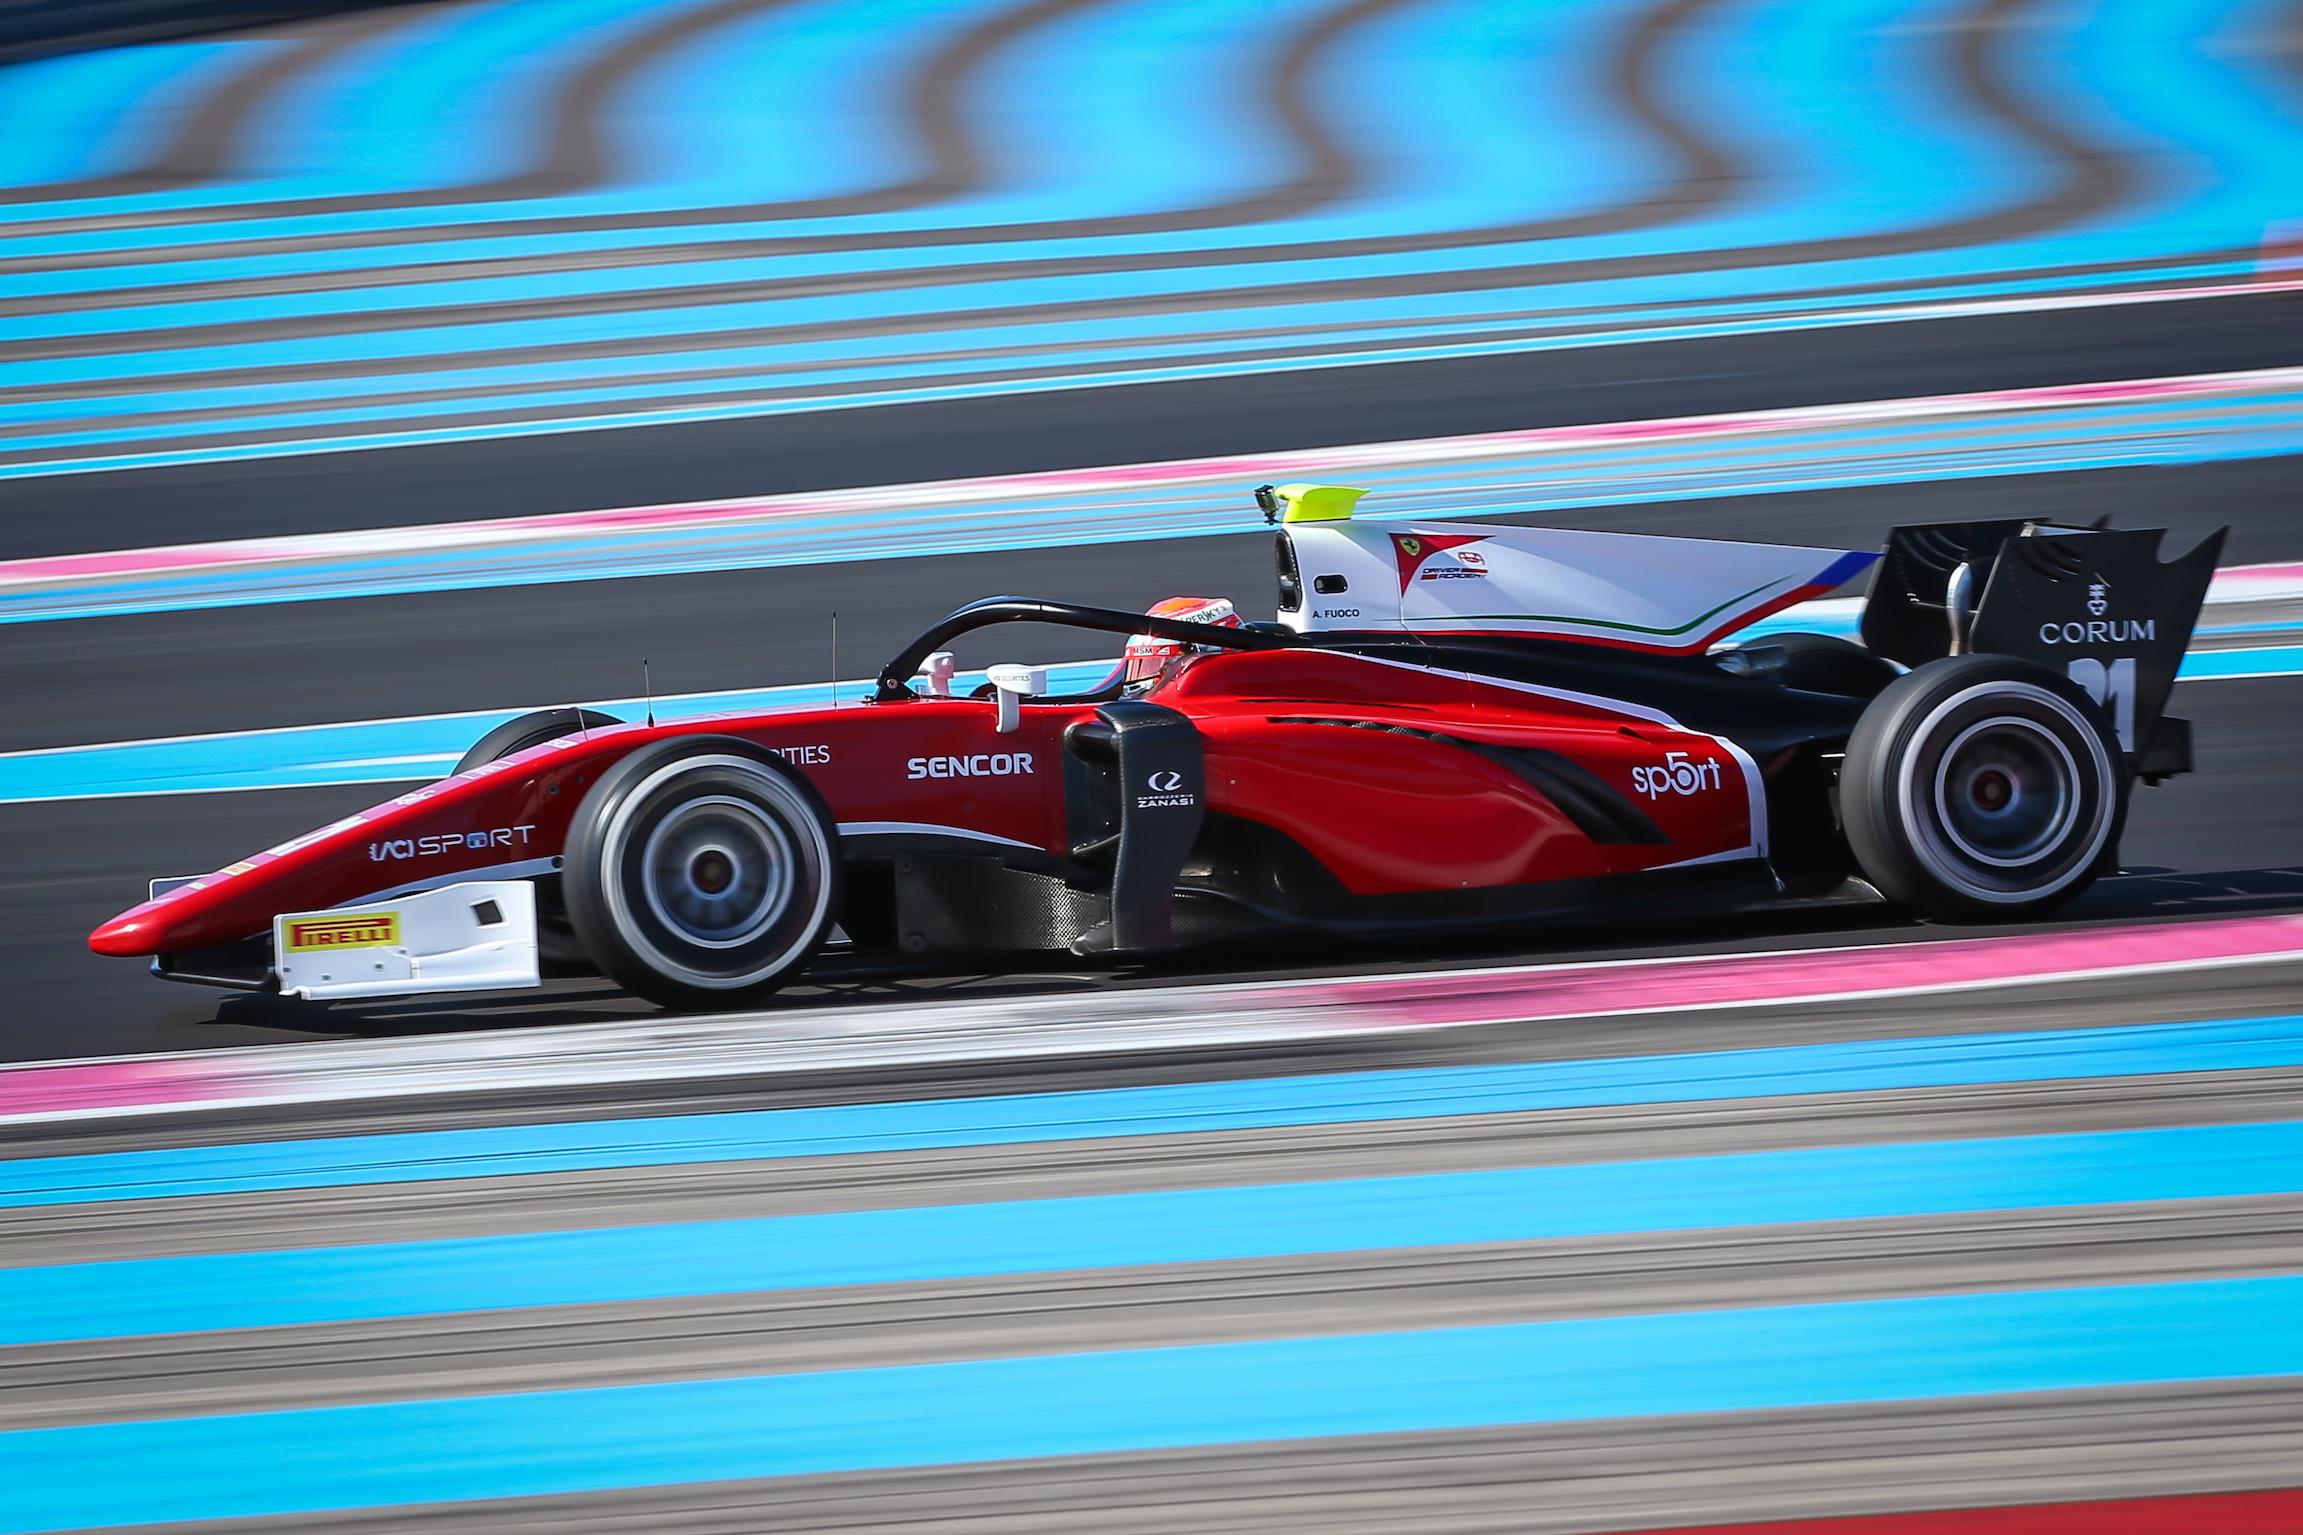 Charouzův tým má za sebou první testy před sezónou v F2: Vůz s logem SPORT 5 šlape parádně a očekávaní jsou velká